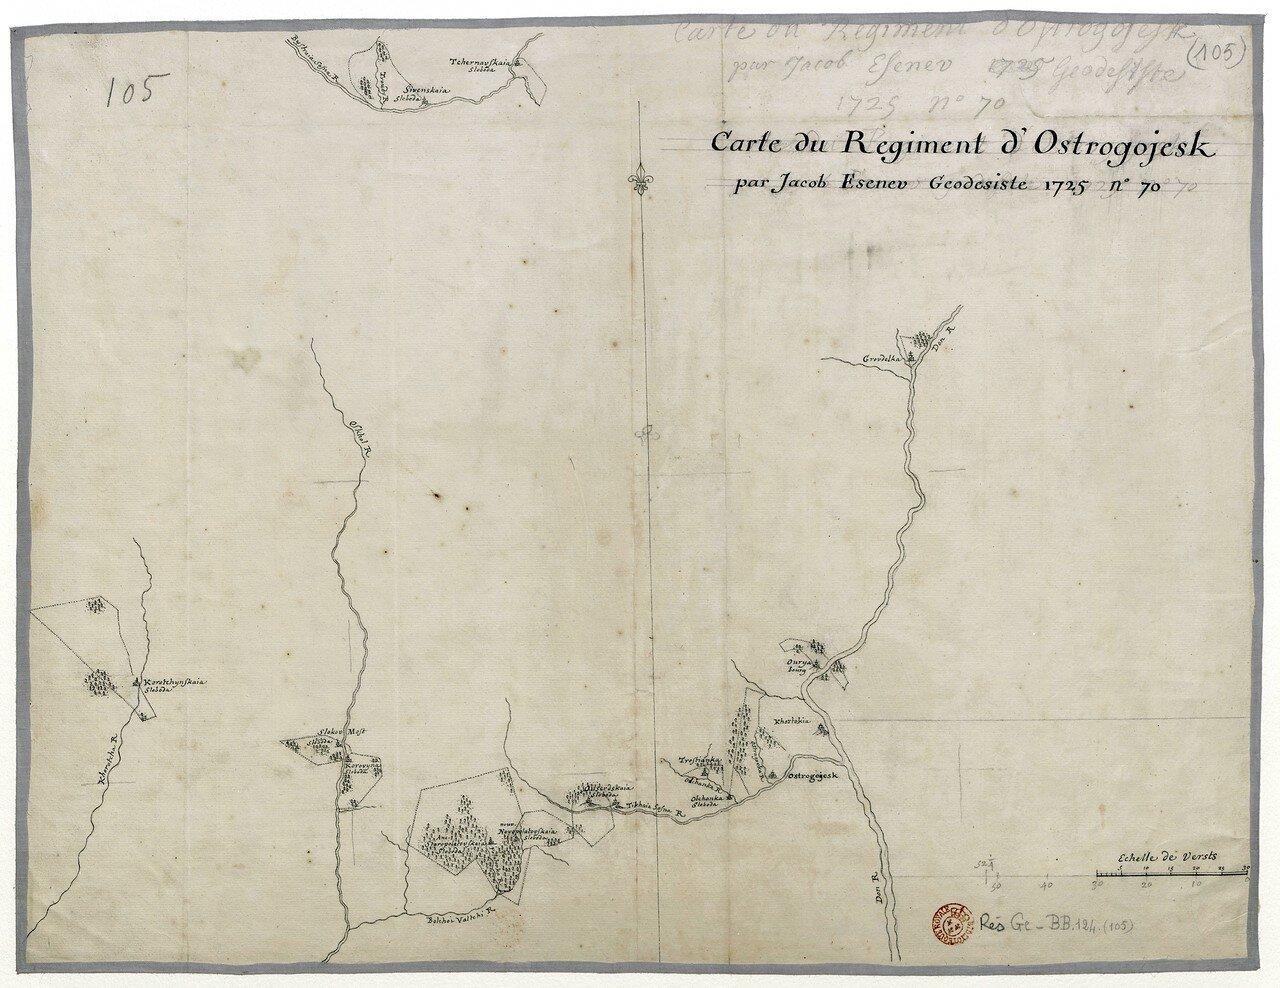 Карта земель Острогожского слободского казацкого полка, составленная в 1725 году геодезистом Яковом Есеневым